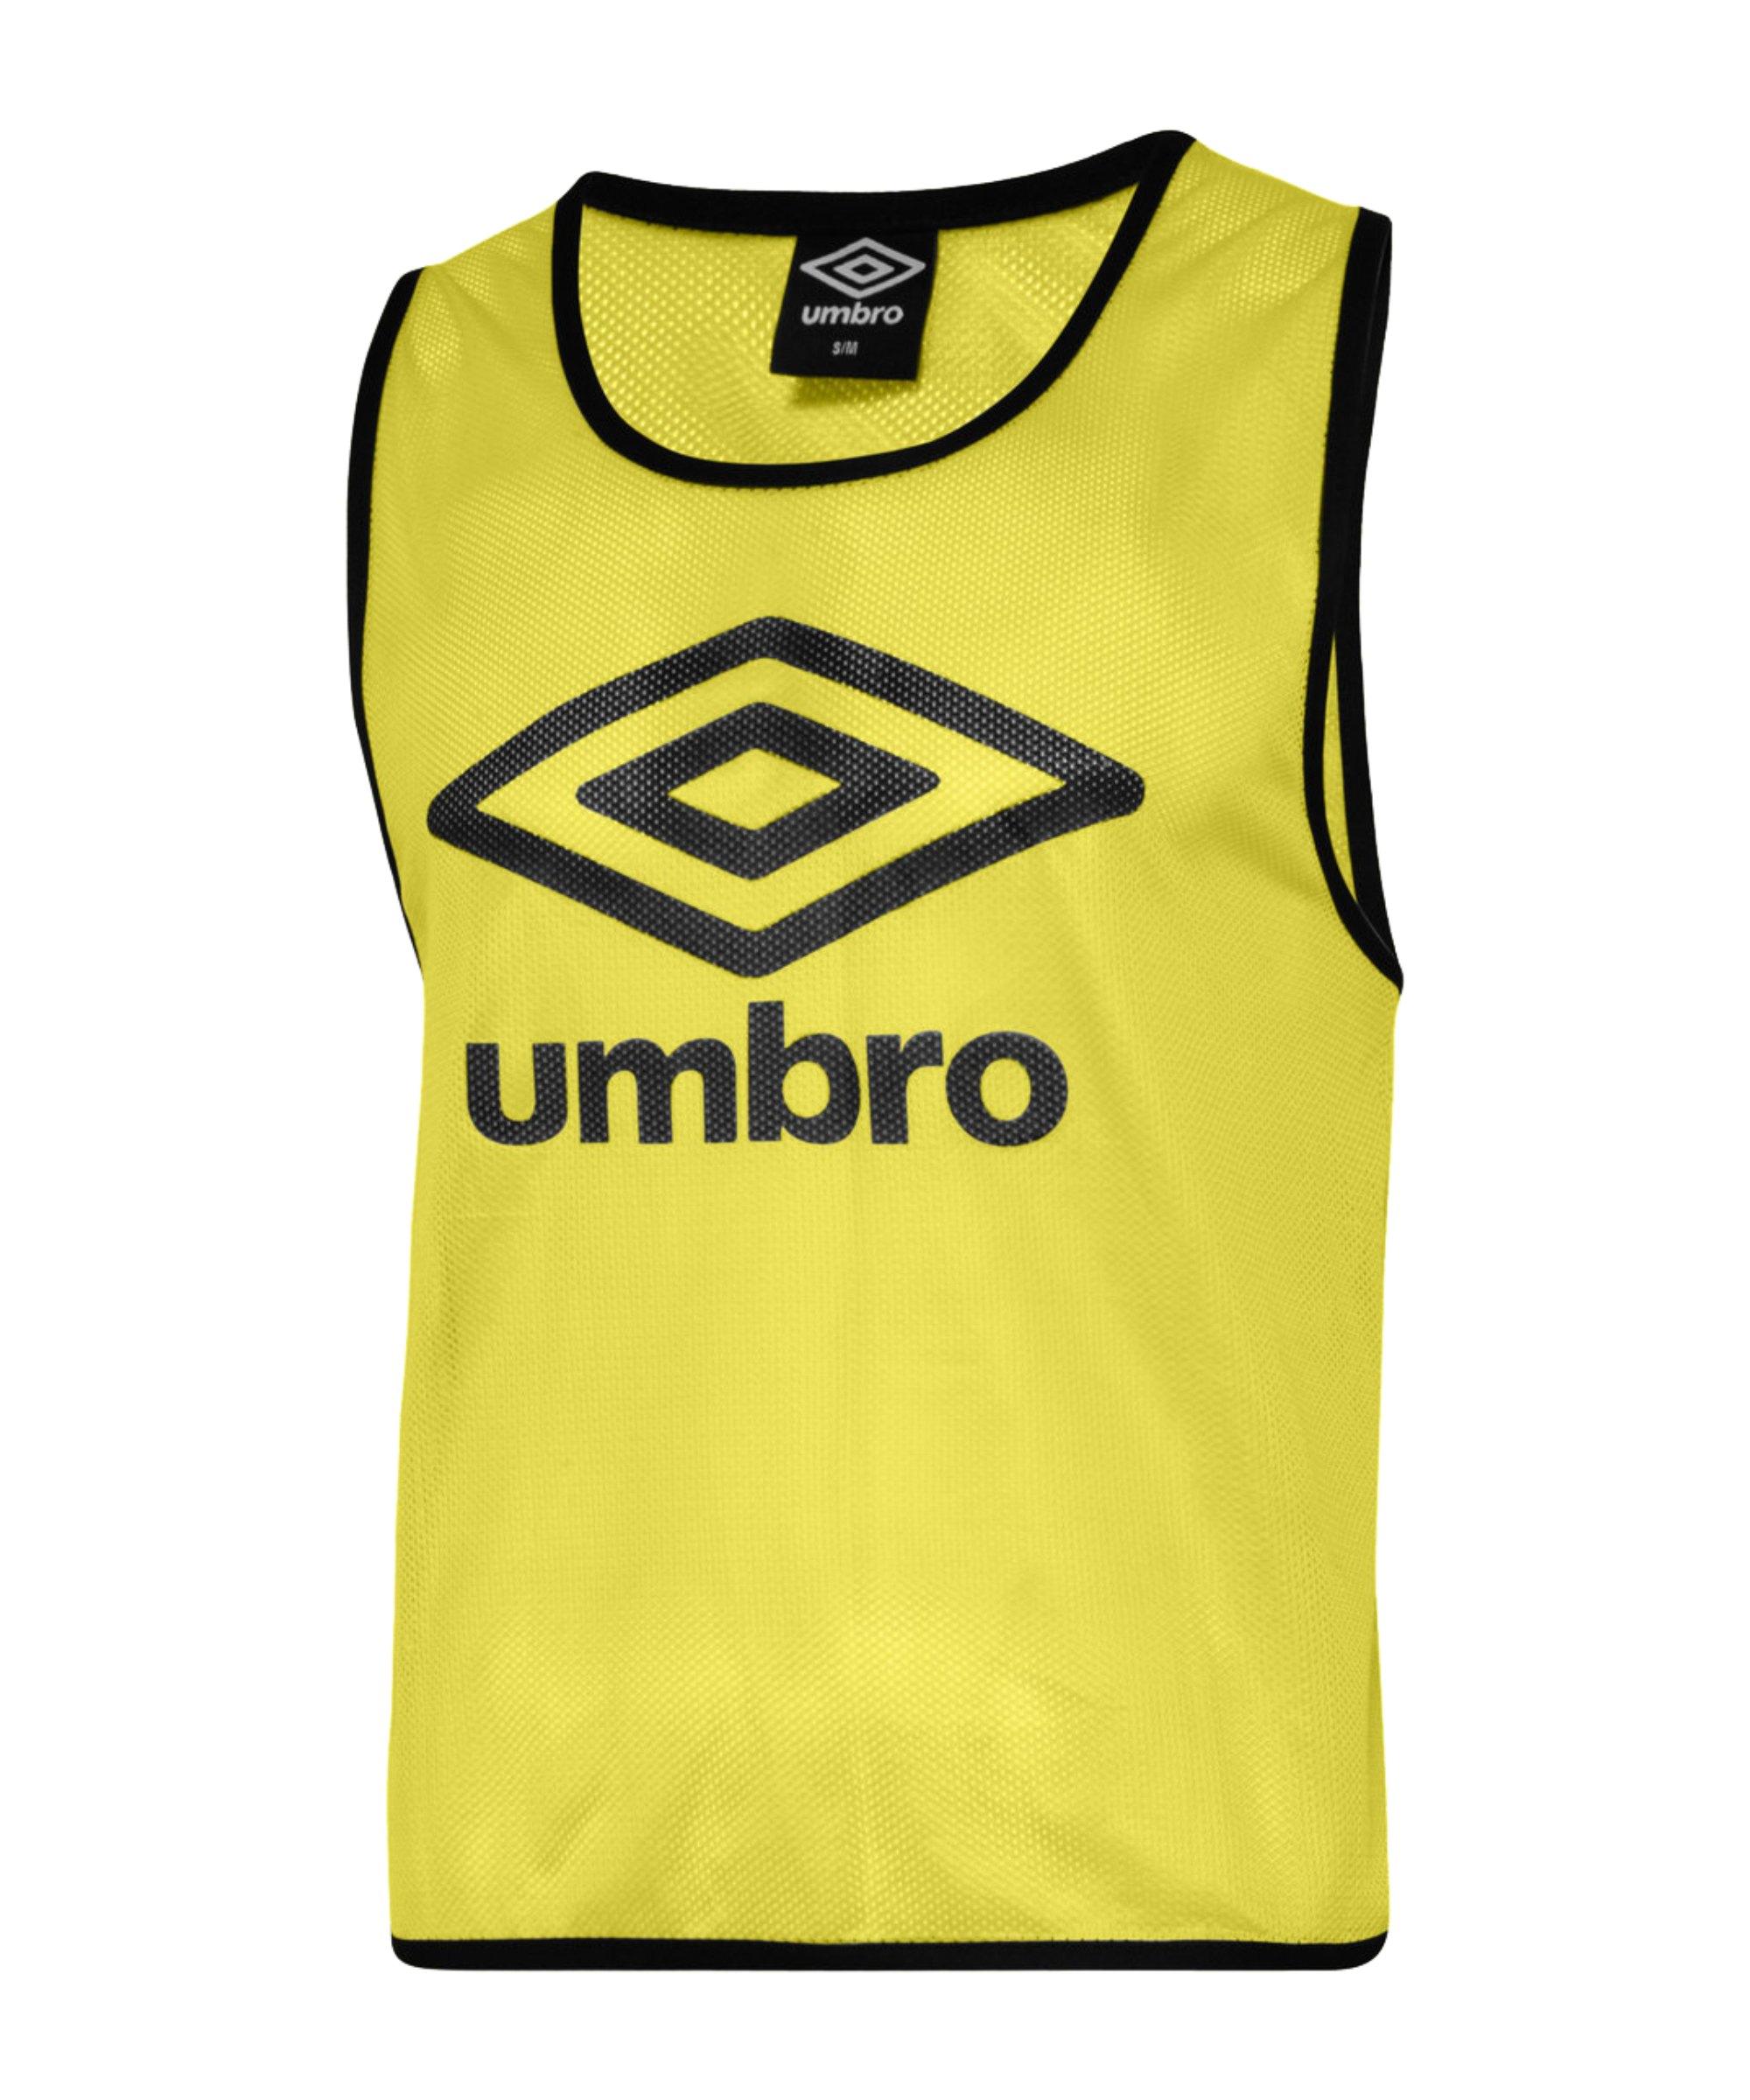 Umbro Training Bib Kennzeichnungshemd Kinder Gelb F157 - gelb